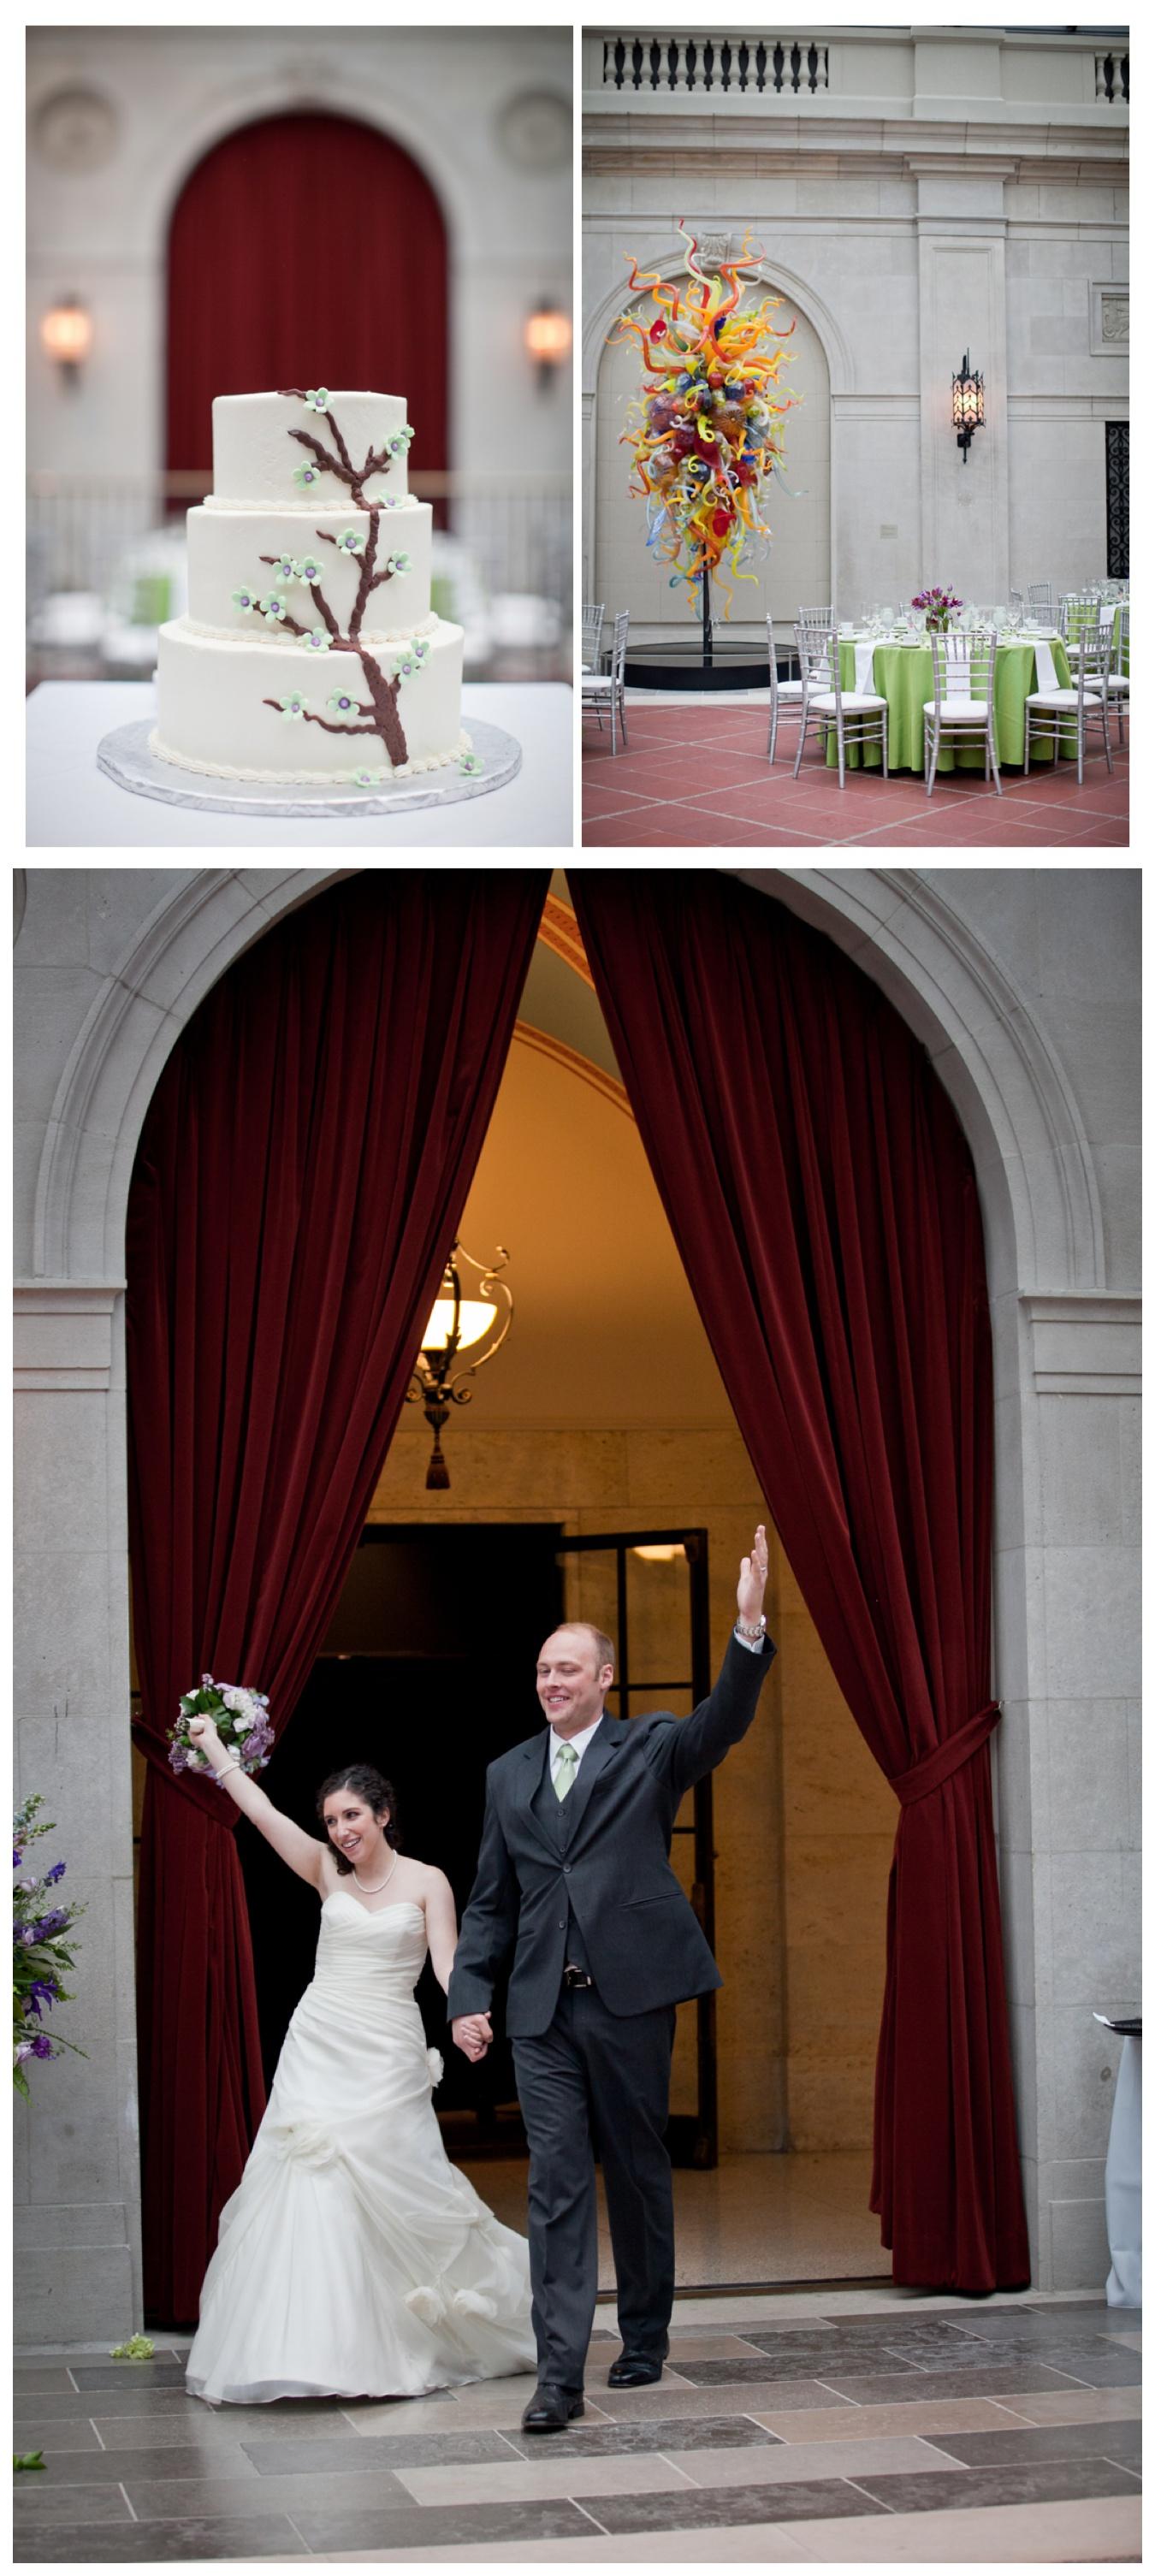 LilyGlassPhotography Columbus Ohio Weddings09.jpg